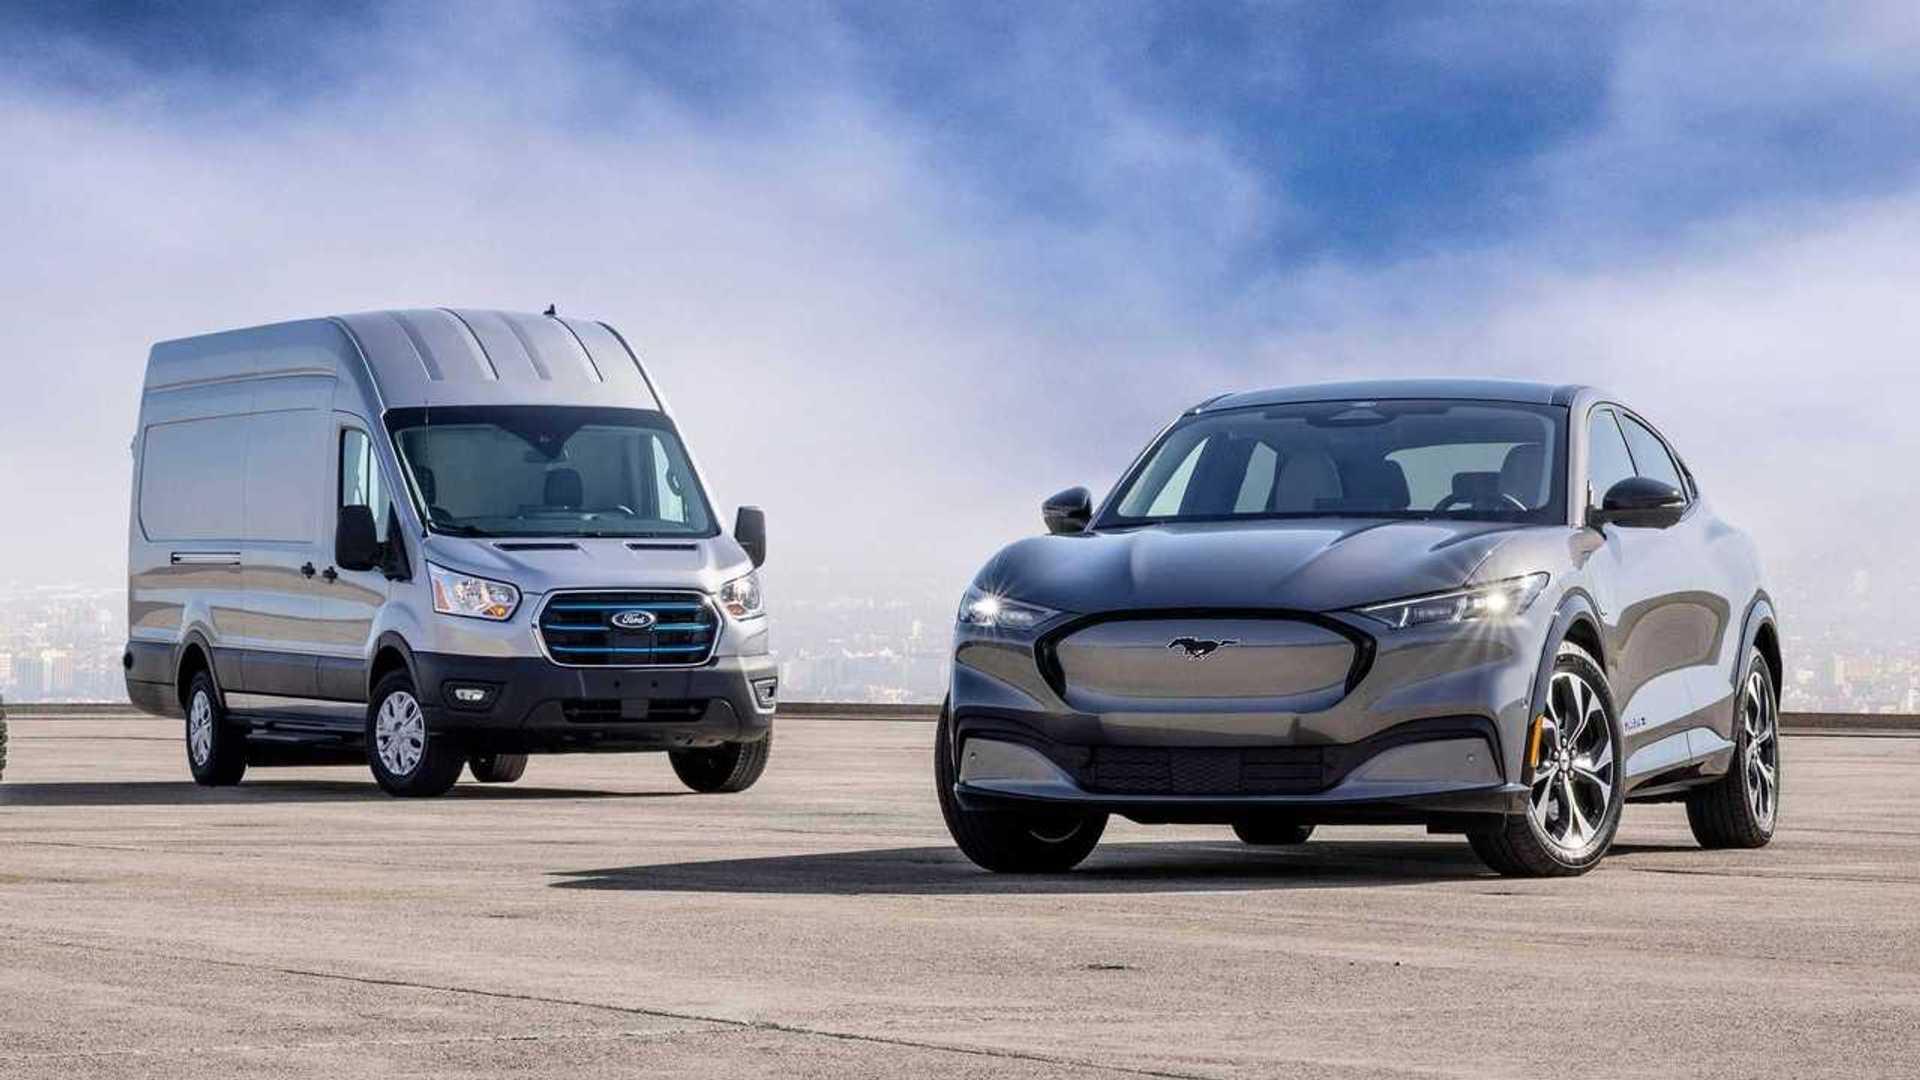 Ford просит дилеров вложить 35 тысяч долларов в продажу электромобилей: отчет